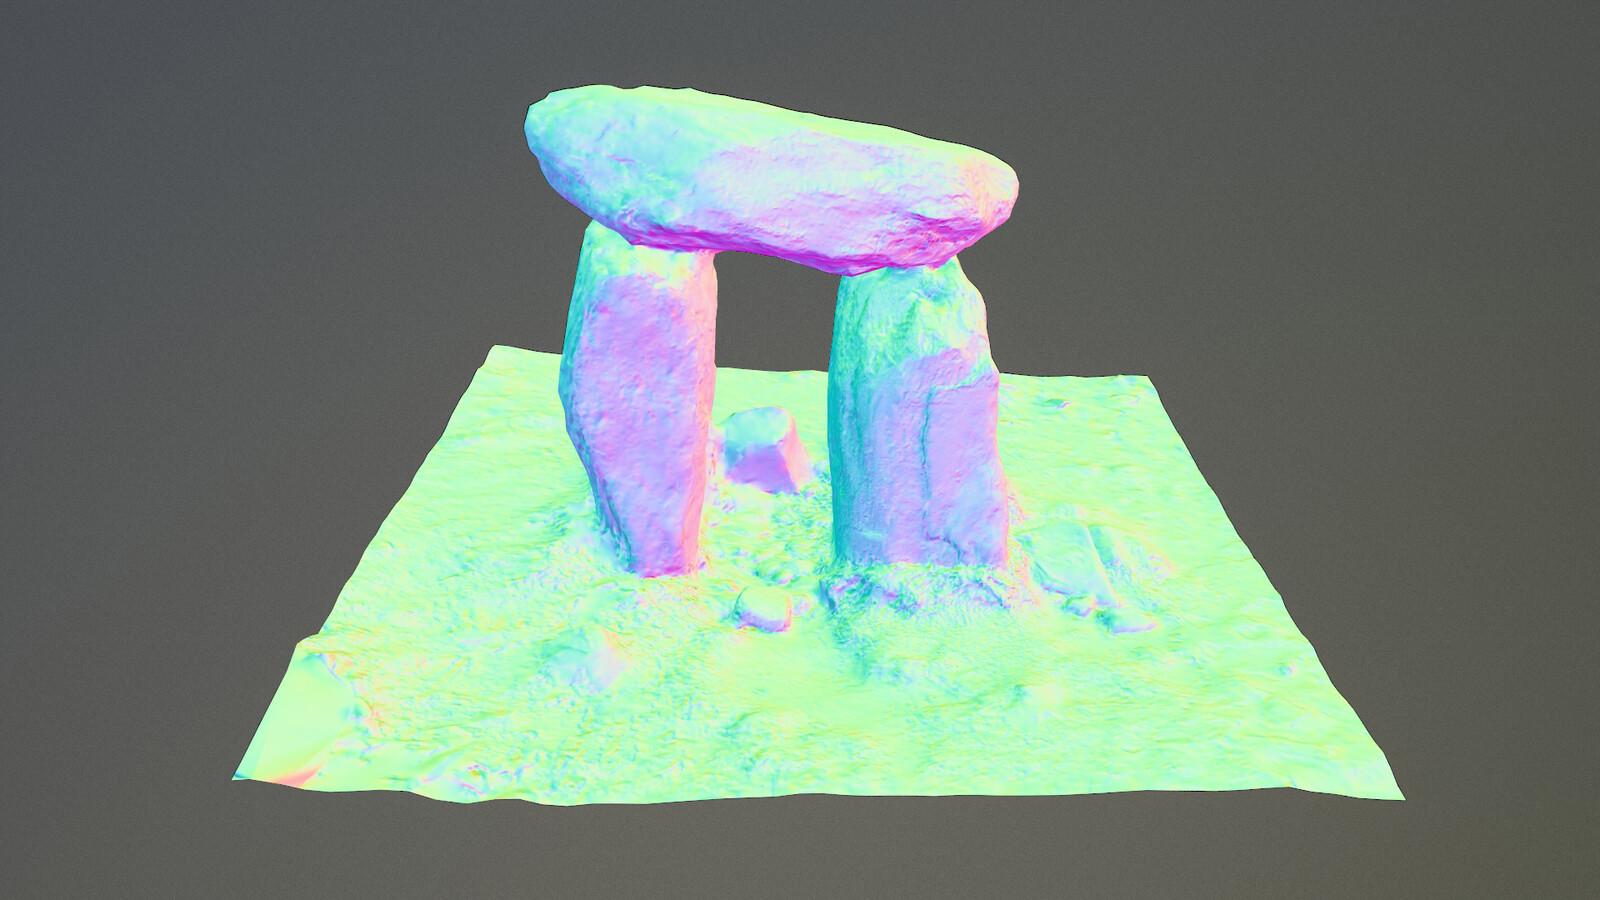 3D model - Normalmap